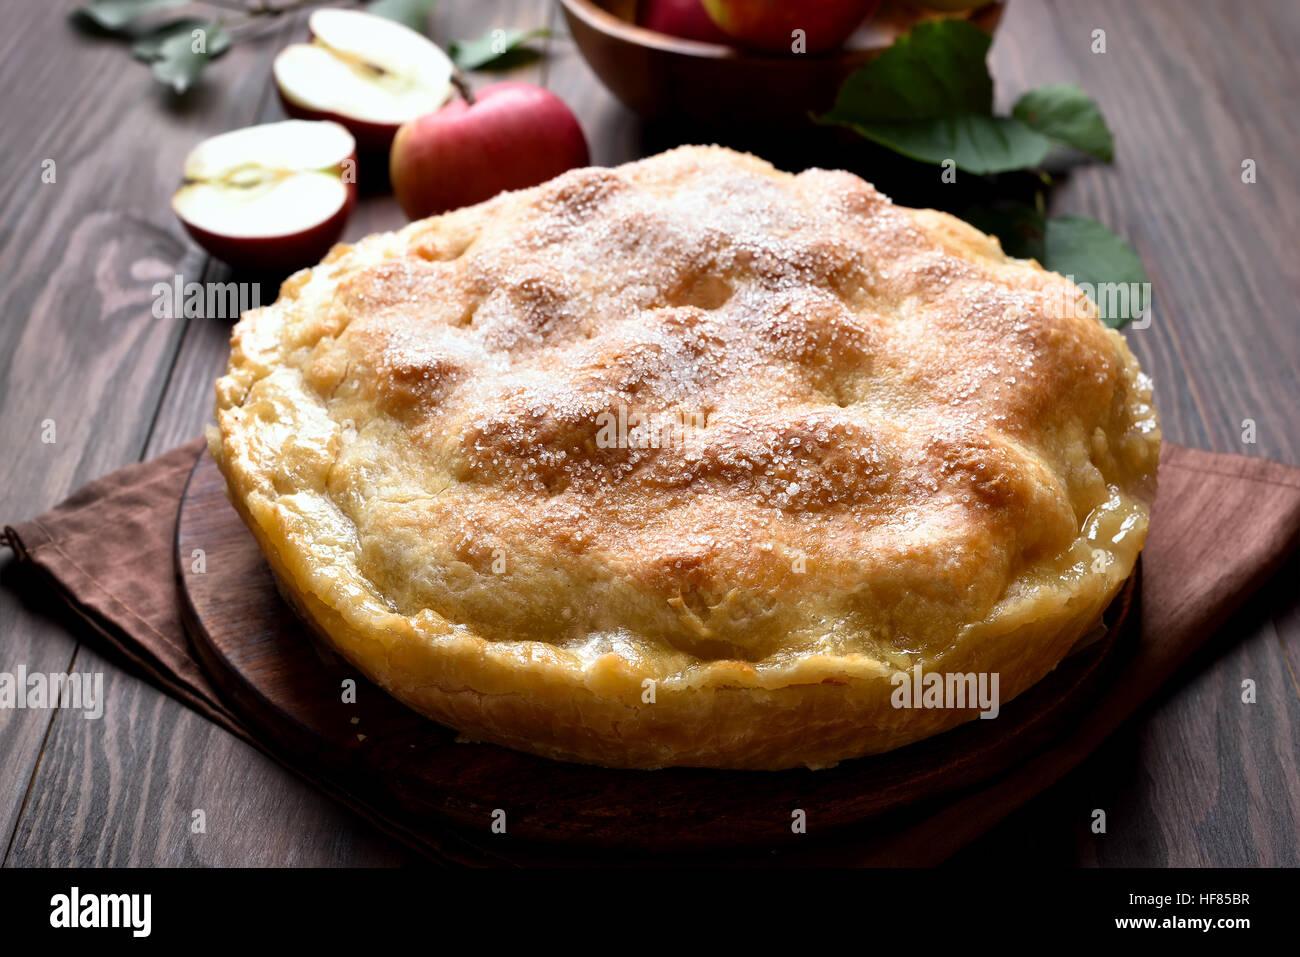 Apfelkuchen, Nahaufnahme Stockbild